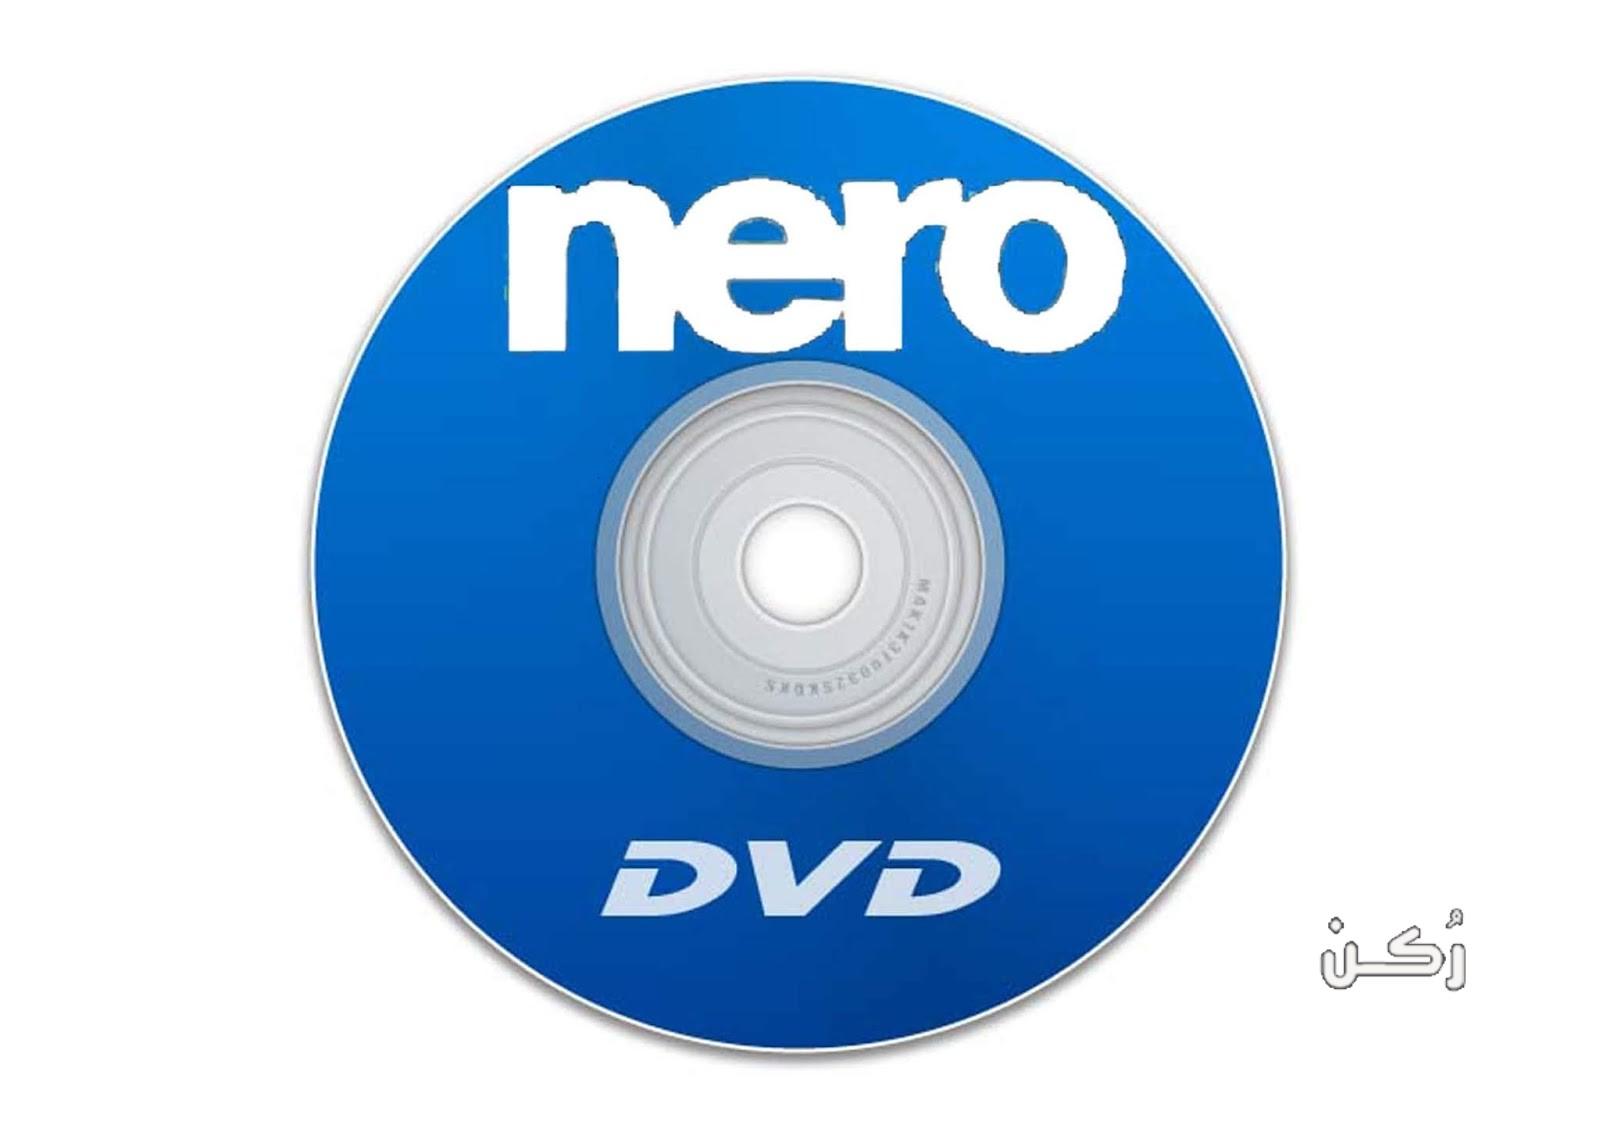 معلومات عن برنامج Nero 2019 لنسخ الاسطوانات مجاناٌ